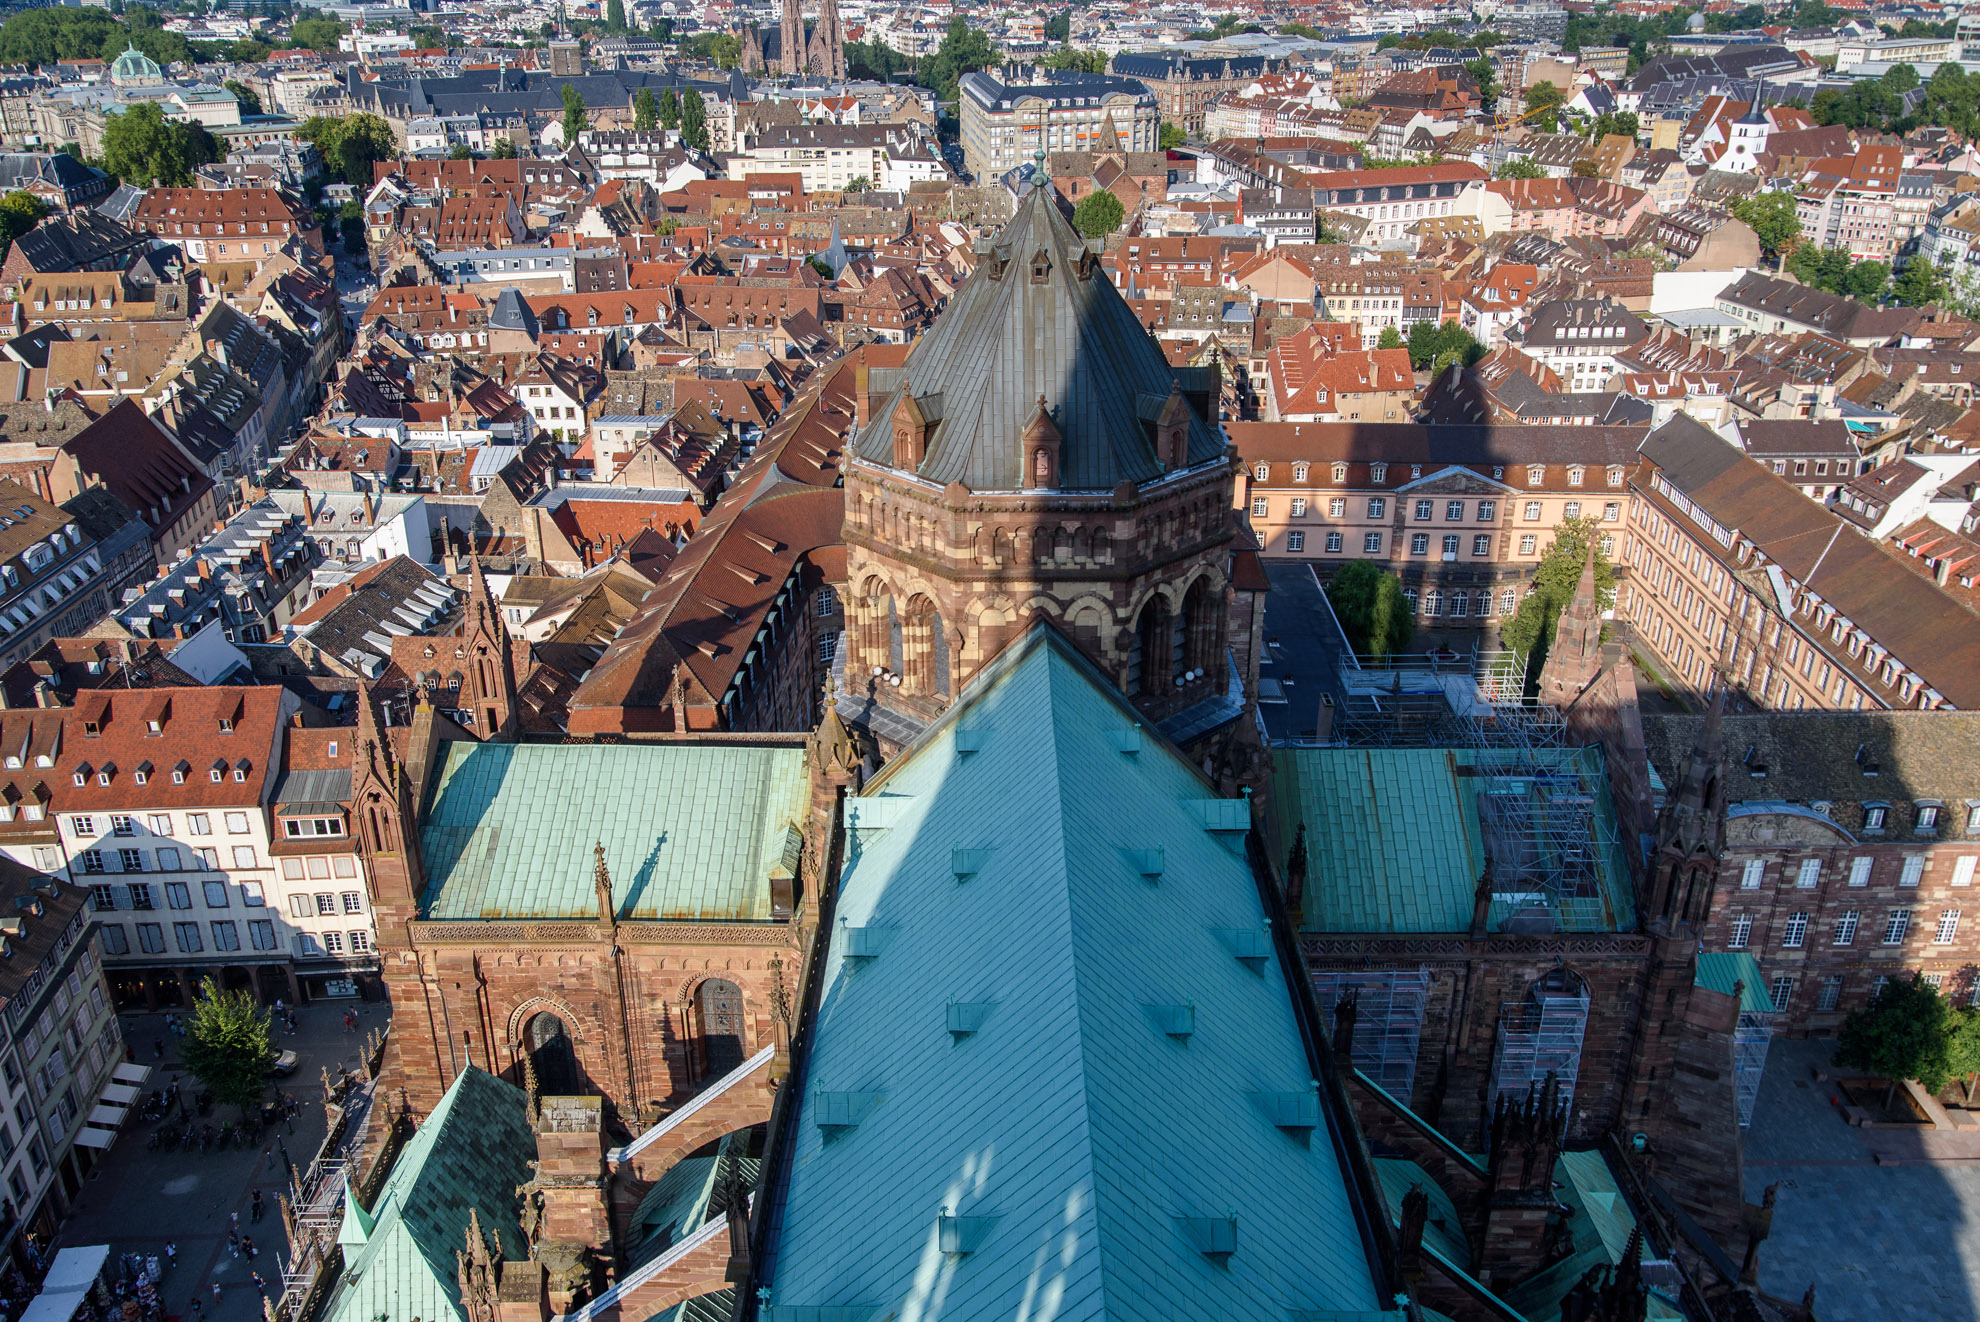 Katedra Najświętszej Marii Panny w Strasburgu - widok z wieży